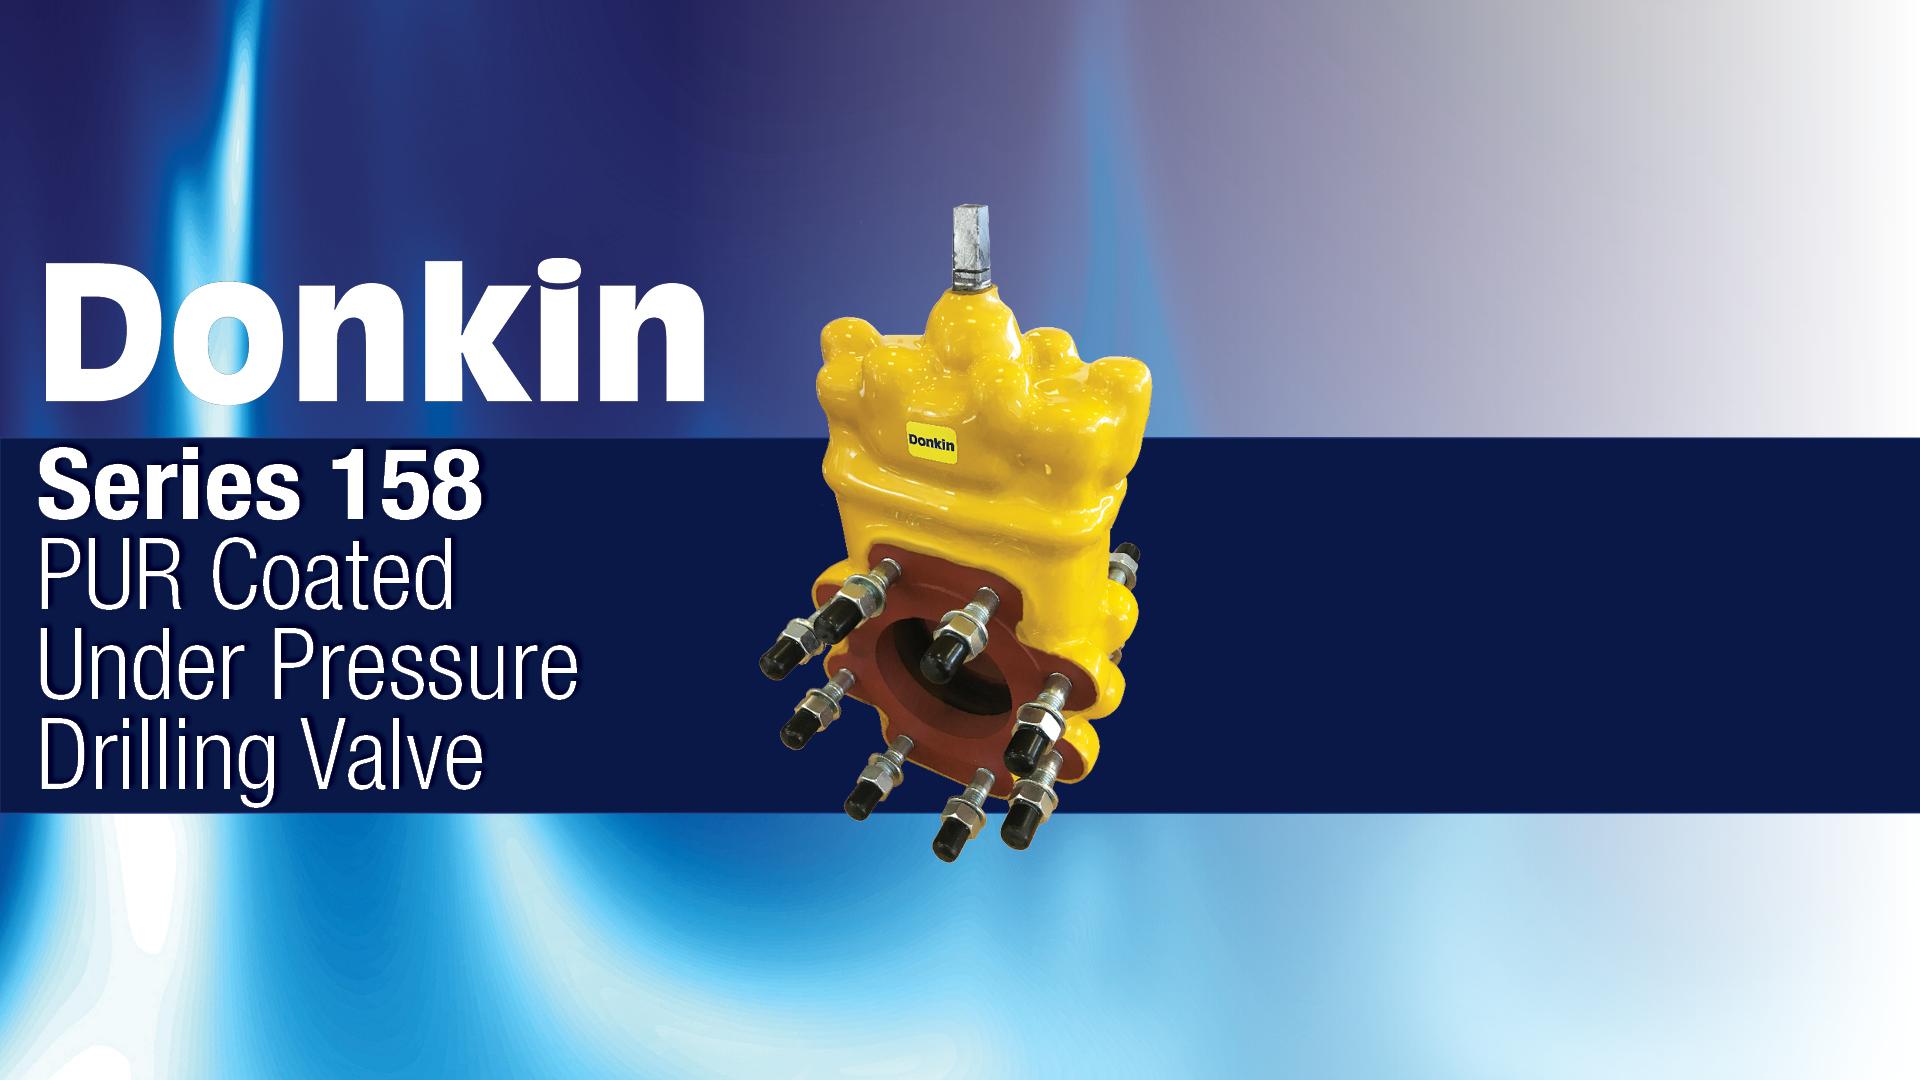 AVK Donkin Gas Valve Series 158 PUR Coated